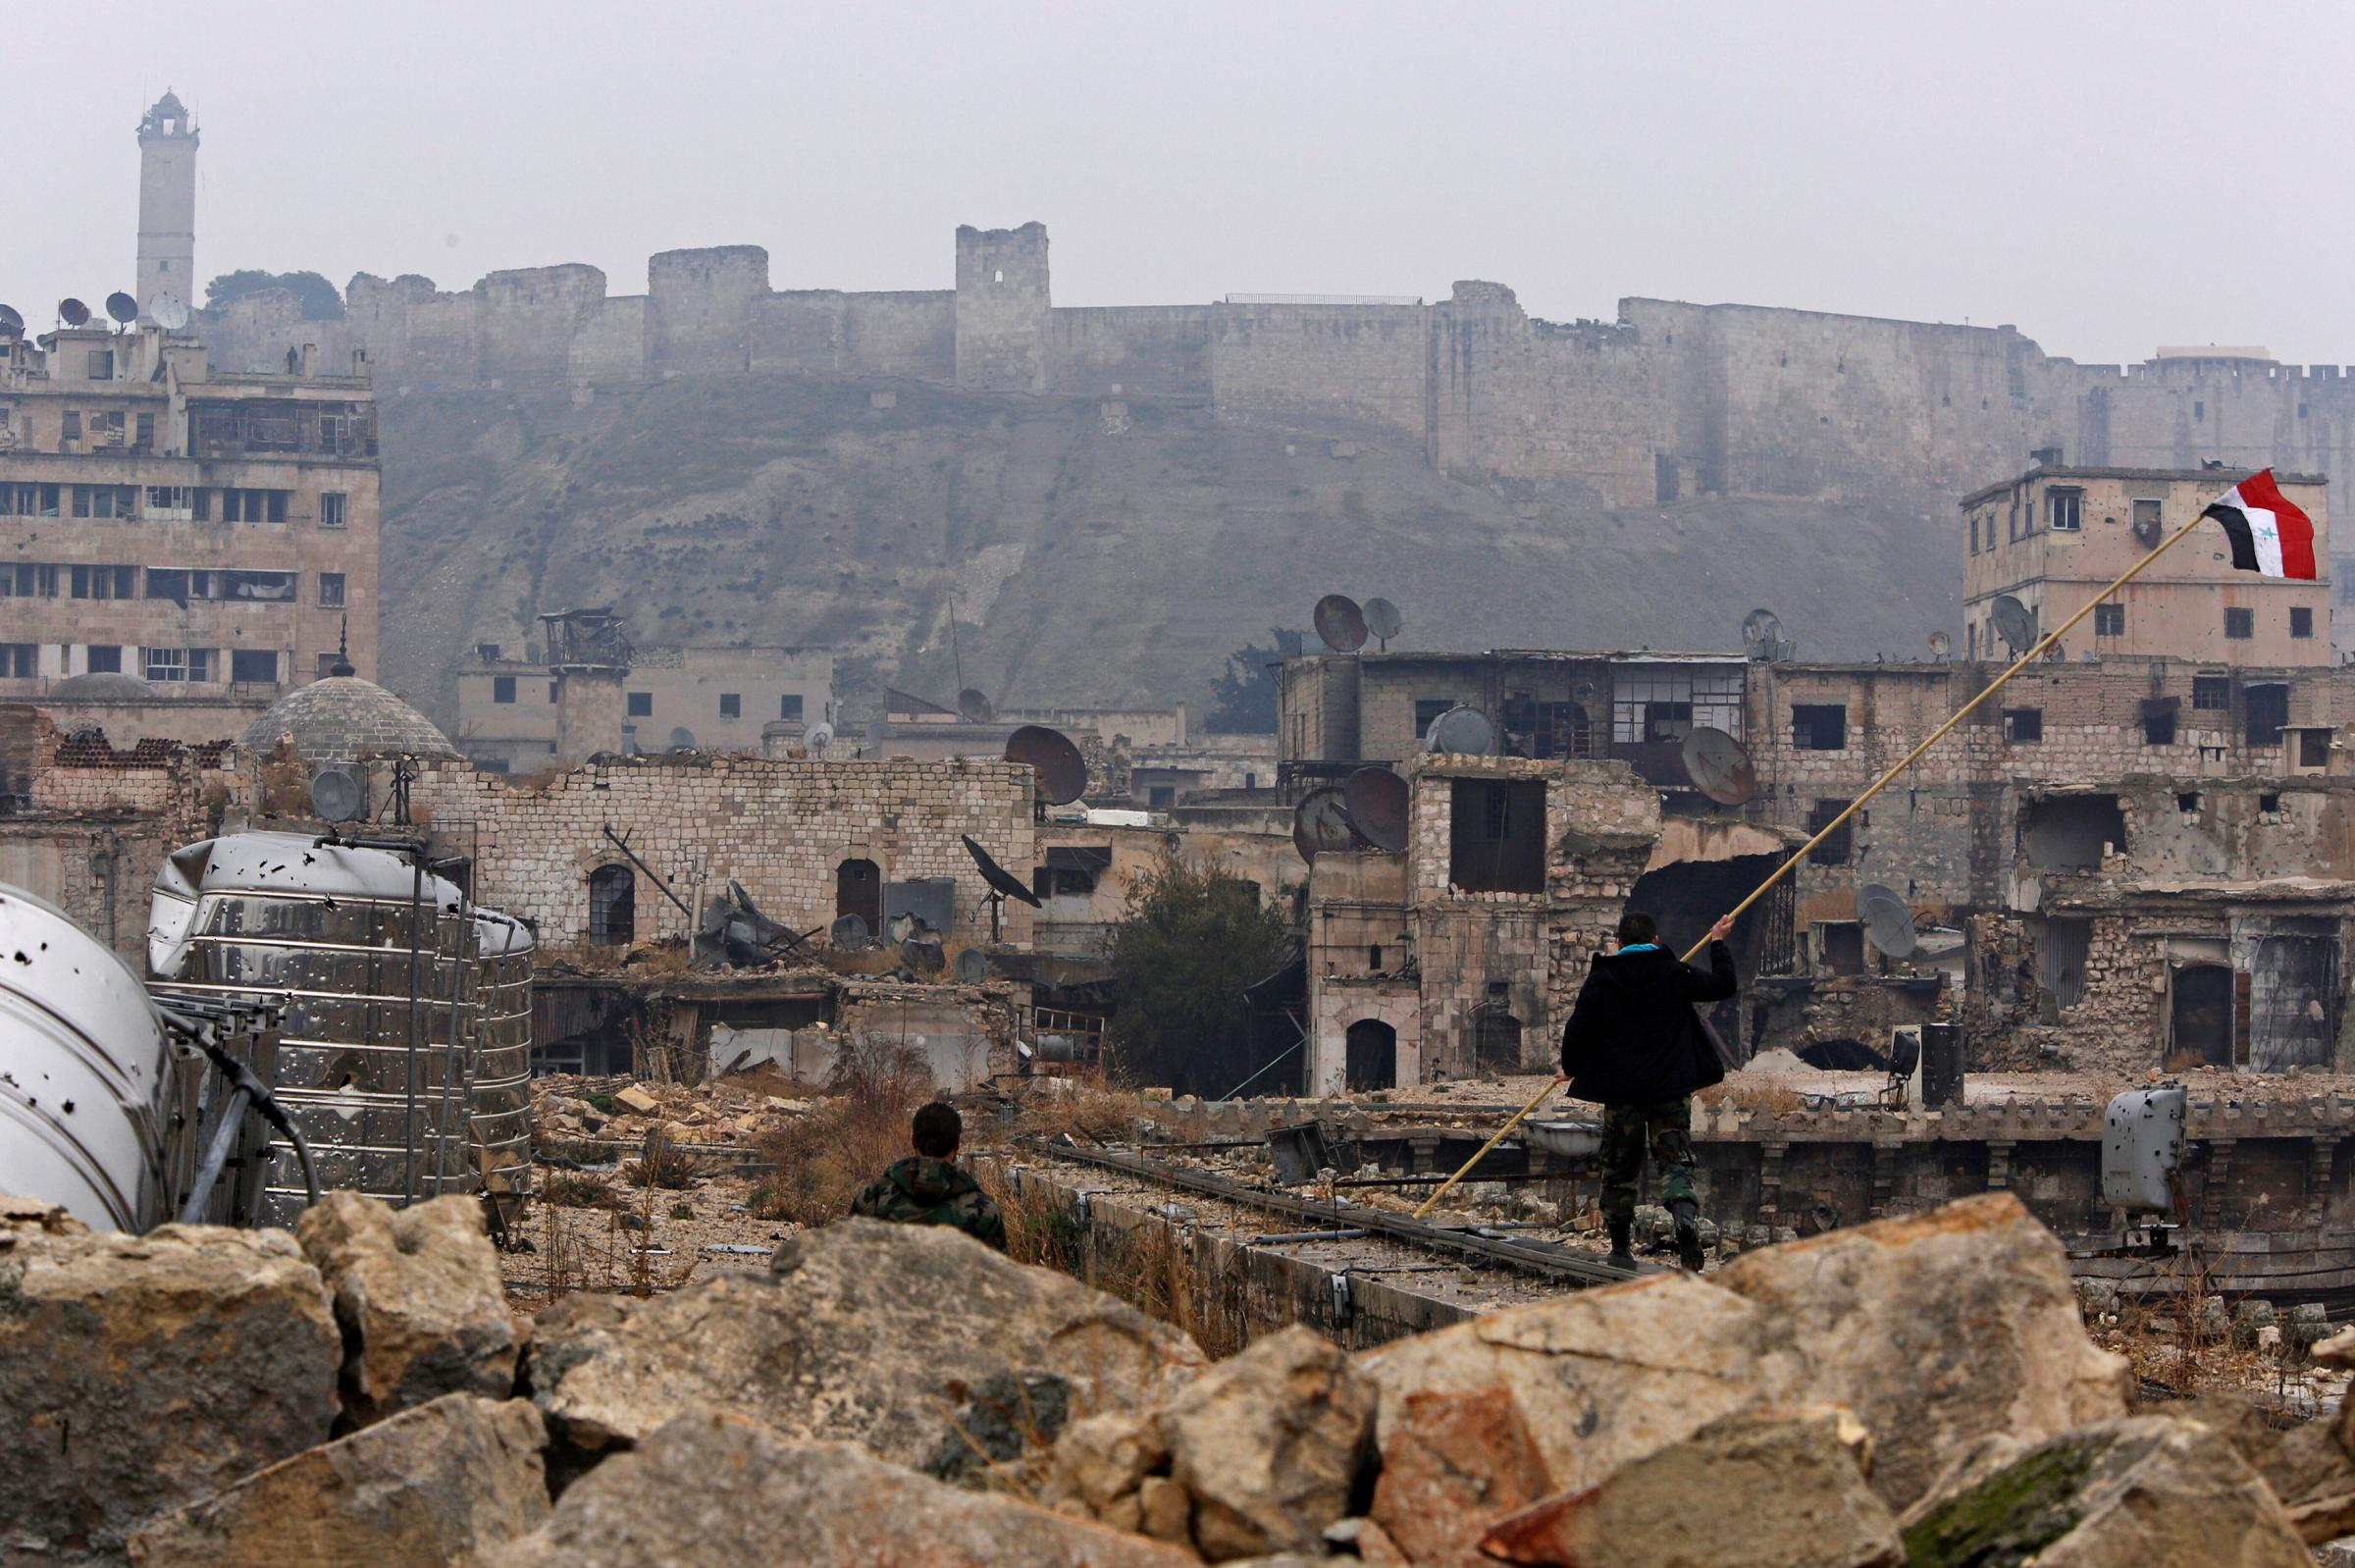 Guerra in Siria: ad Aleppo le donne si suicidano per non finire vittime di stupri dei miliziani